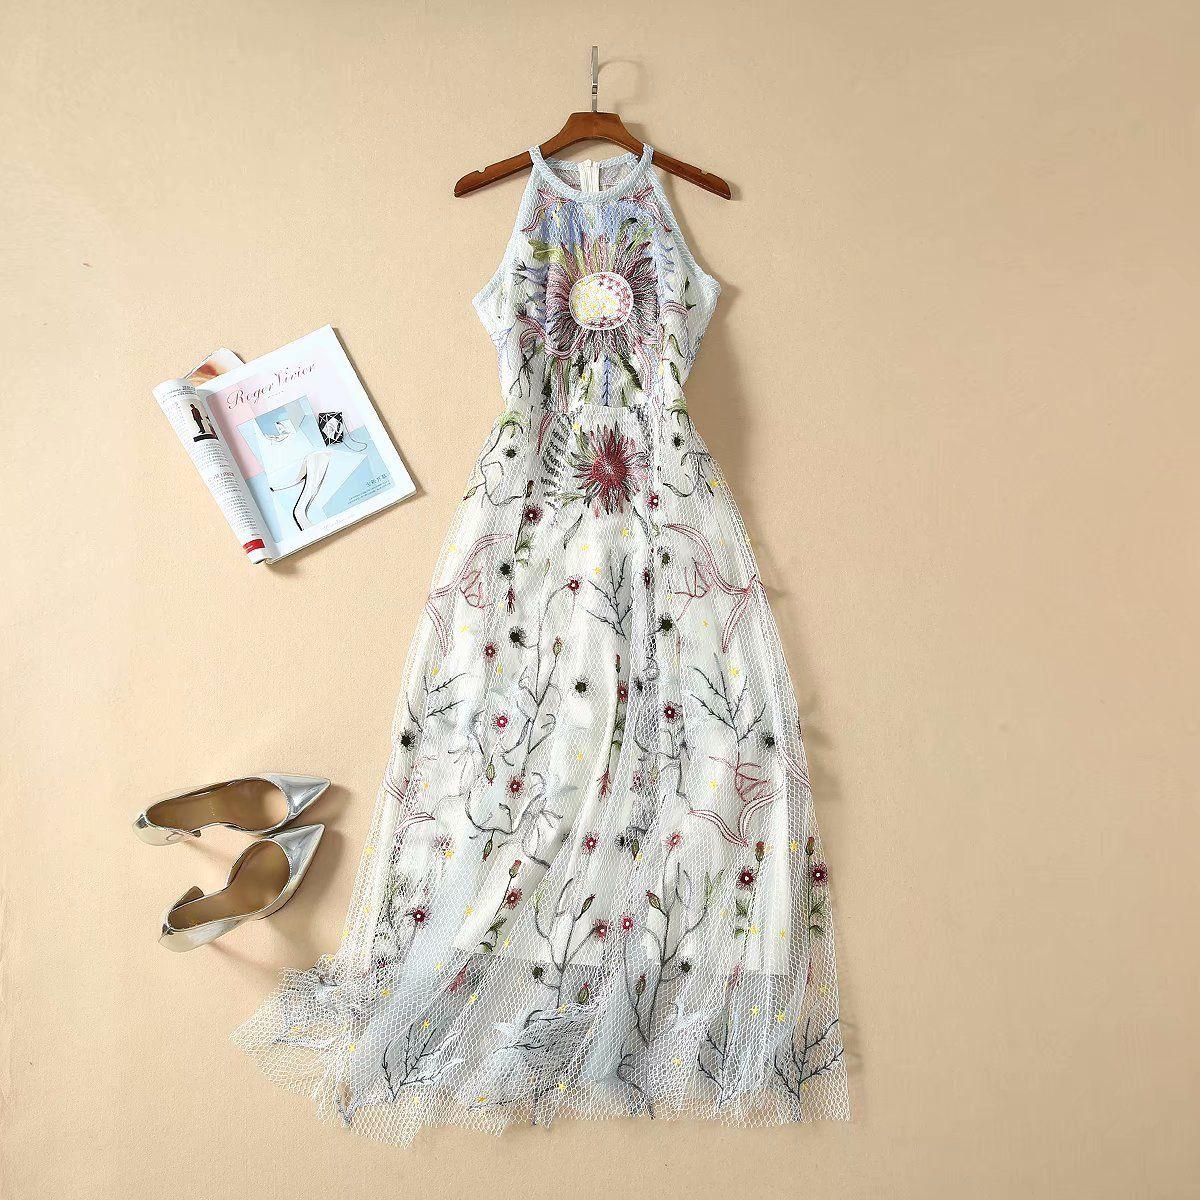 Европейские и американские женской одежды весна 2020 новый стиль Тяжелые сетки вышивки рукавов платье